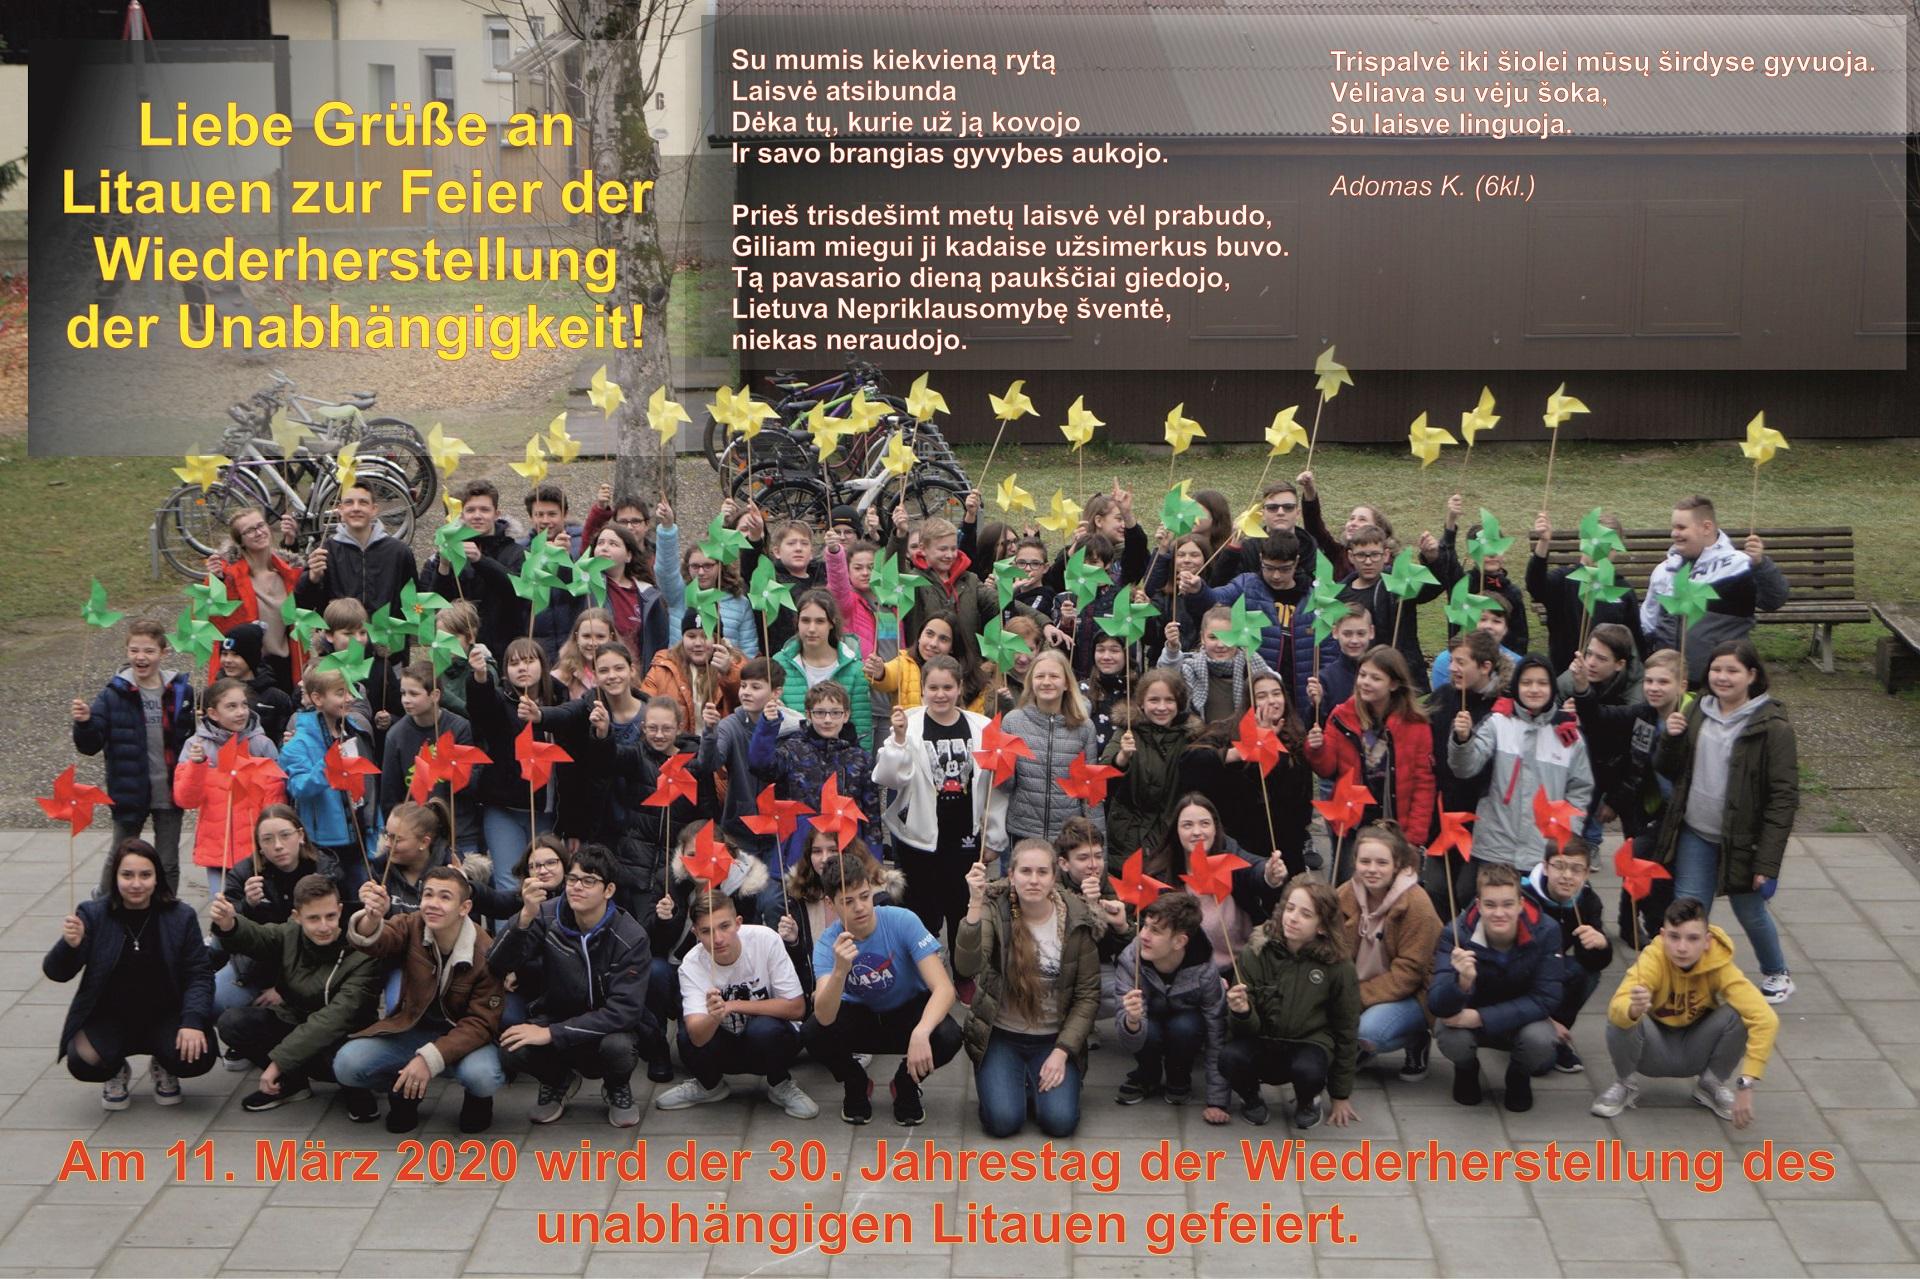 Liebe Grüße an Litauen zur Feier der Wiederherstellung der Unabhängigkeit